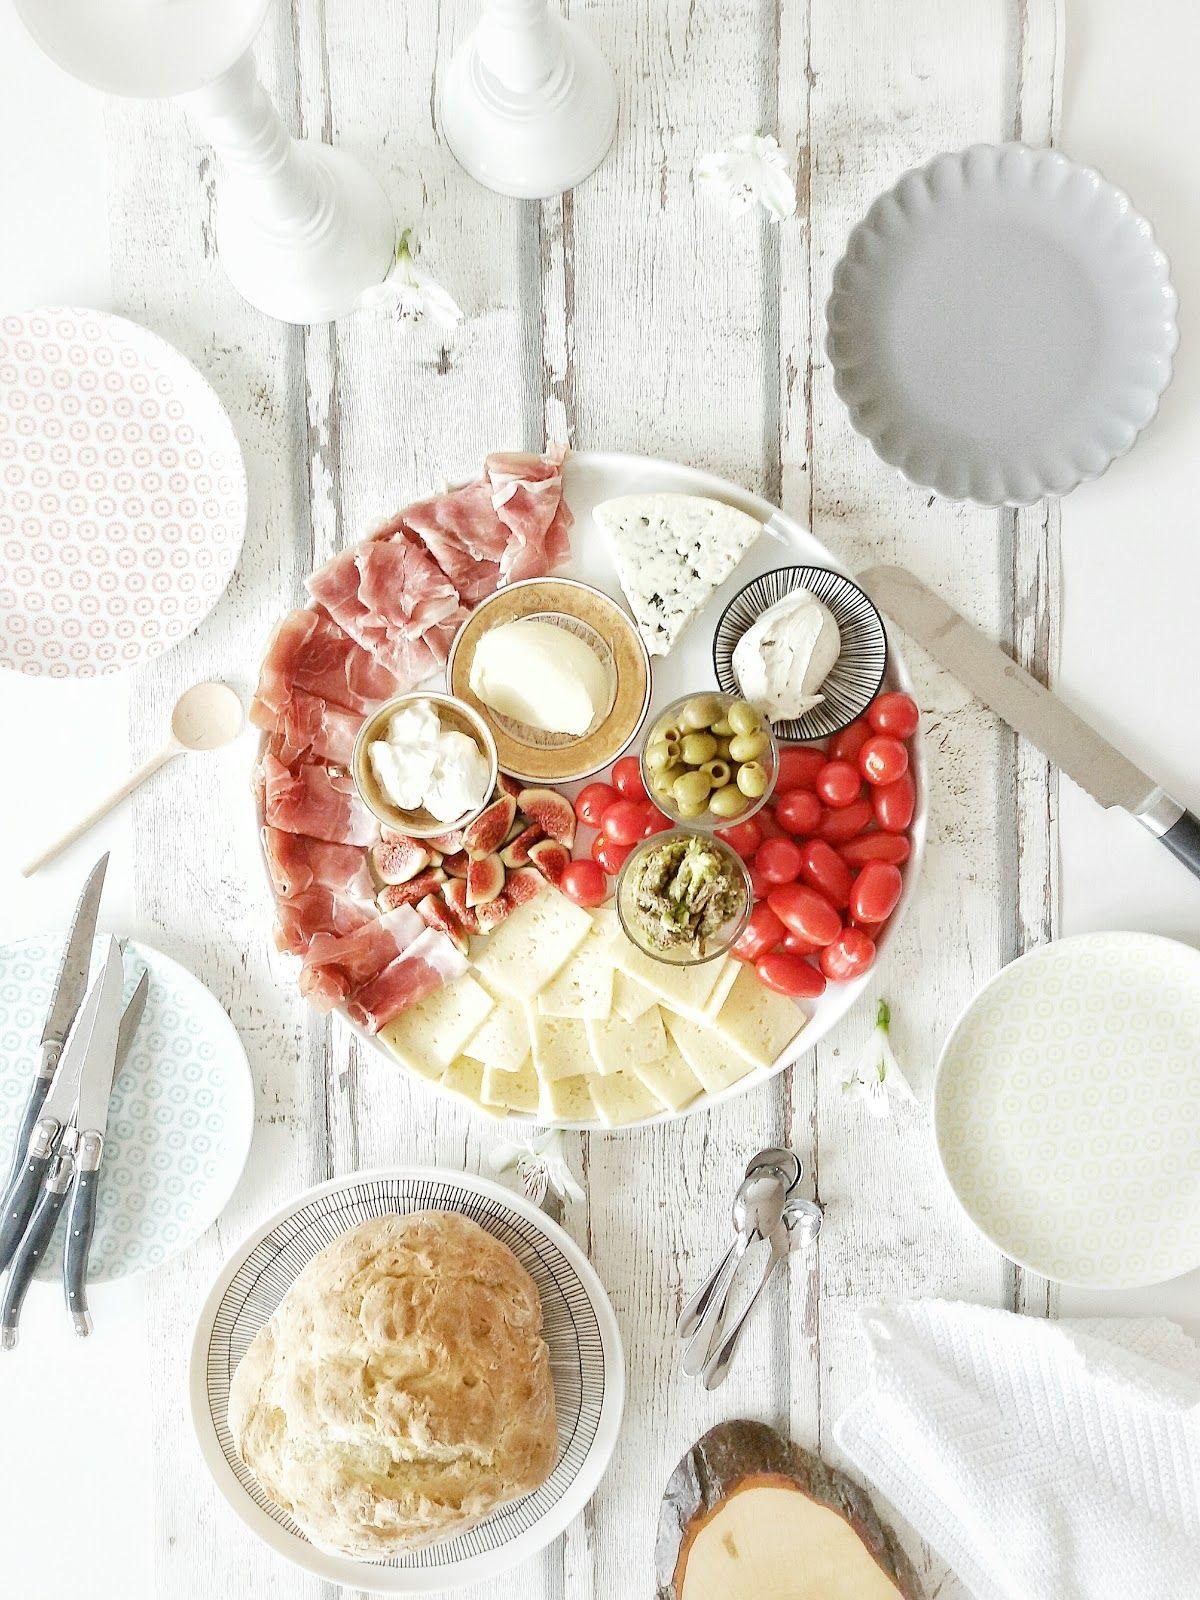 """Auf der """"mammilade""""_n-Seite des Lebens: Frühstück, Abendbrot, Brotzeit, Brot, schnellstes Dinkel-""""Weiß""""brot ohne Hefe"""